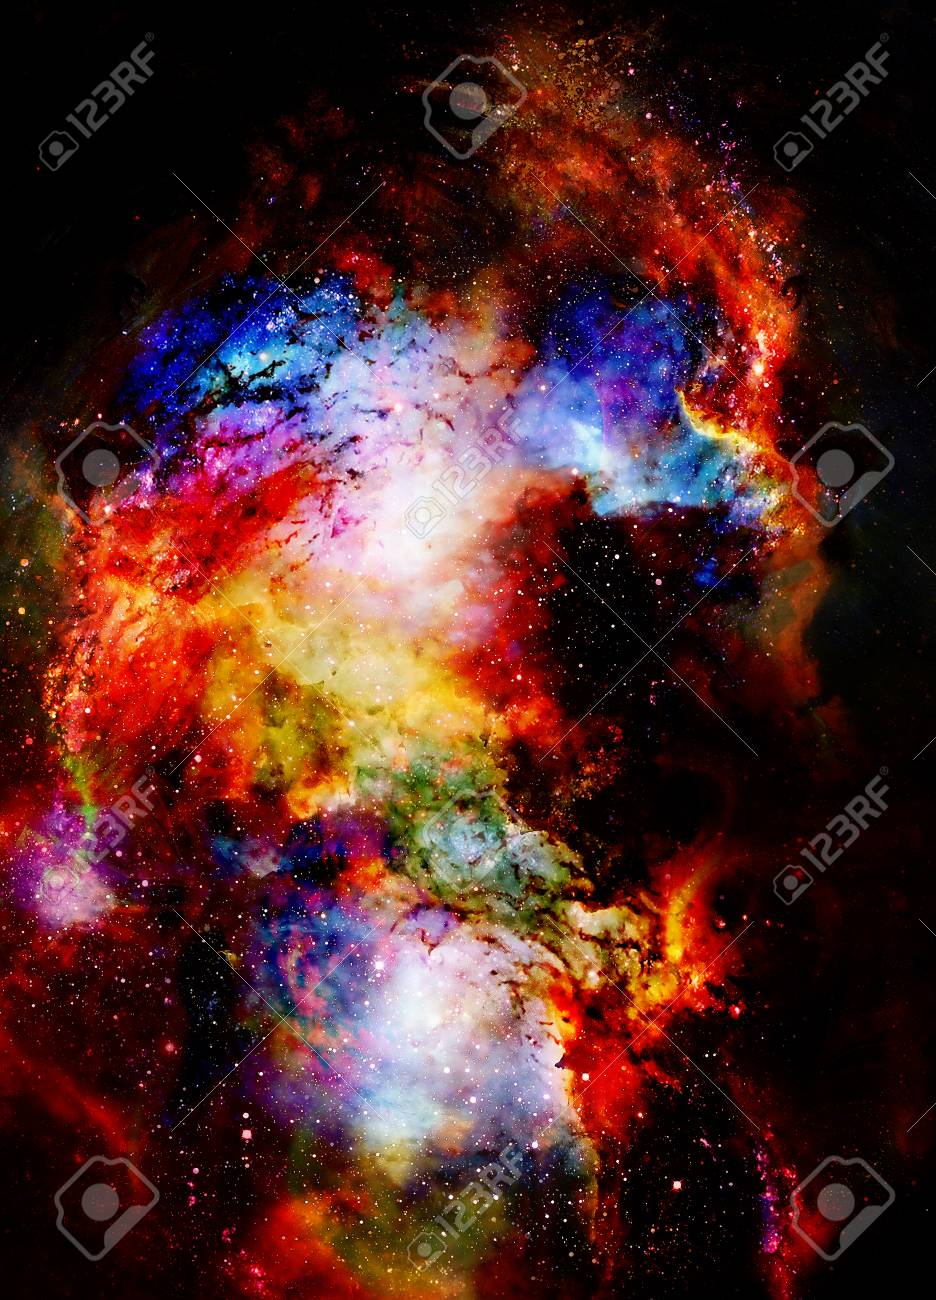 Galaxie Cosmique Et étoiles, Couleur Abstrait Cosmique. Banque D